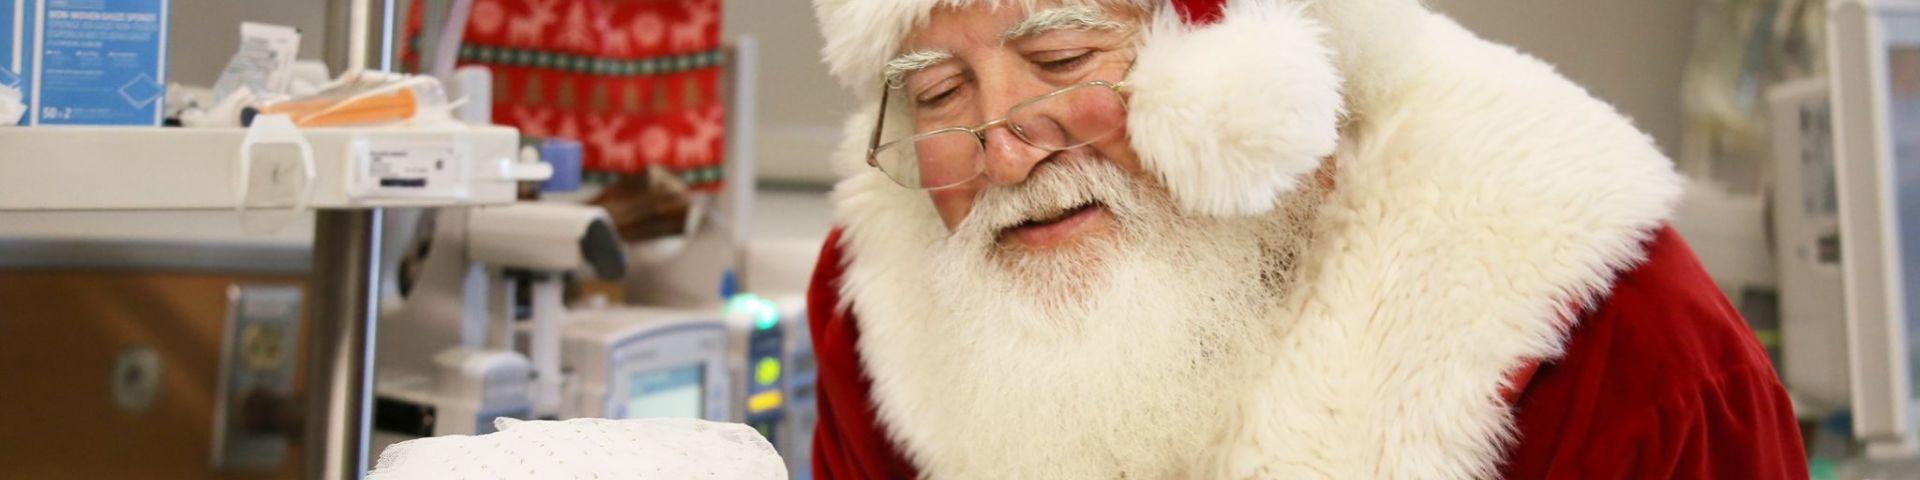 Santa visits babies 2